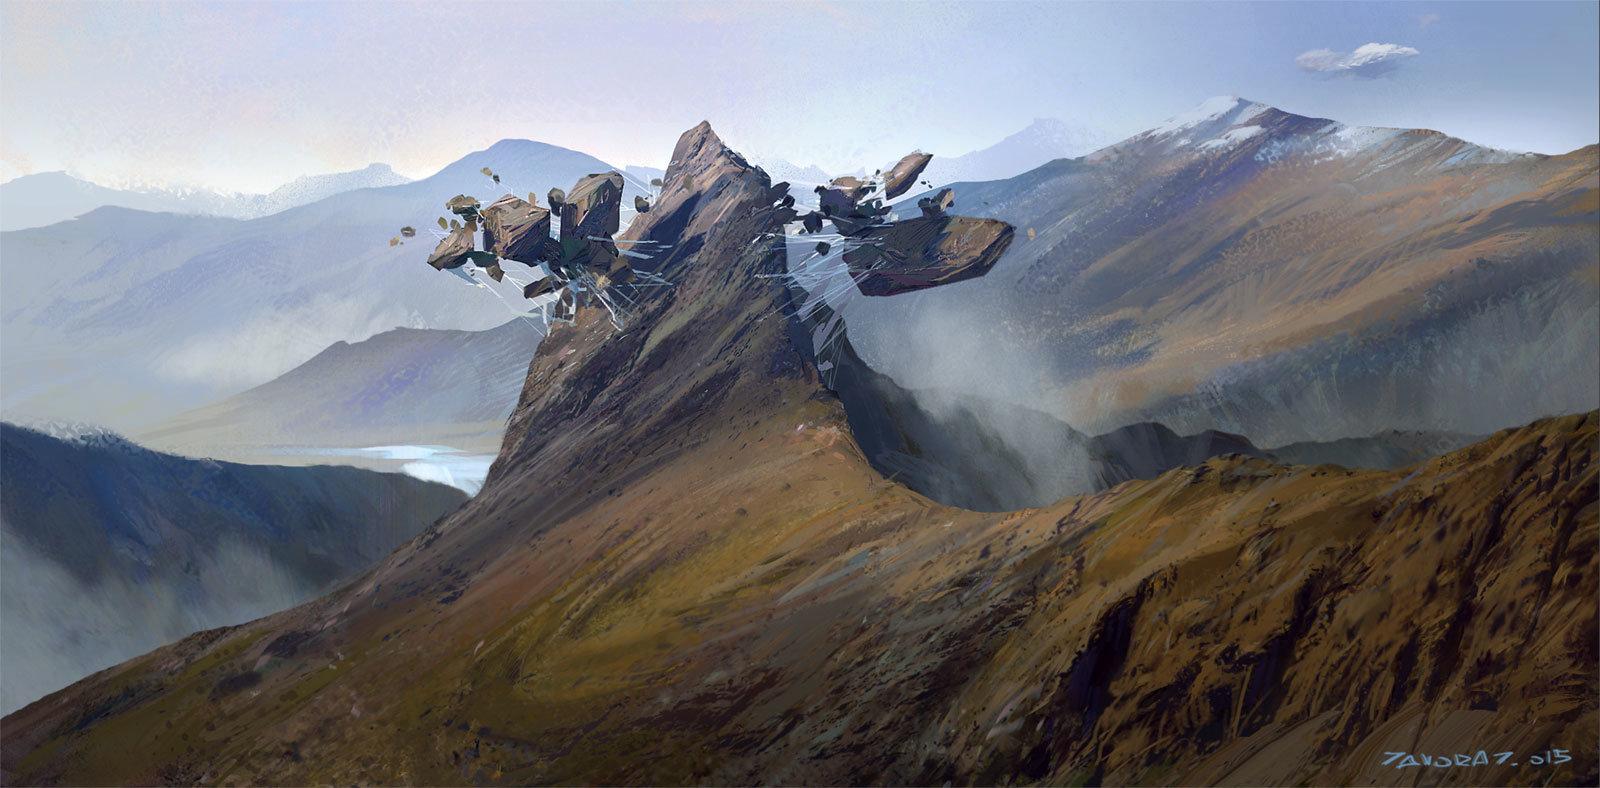 Jakub javora mountain nest javoraj